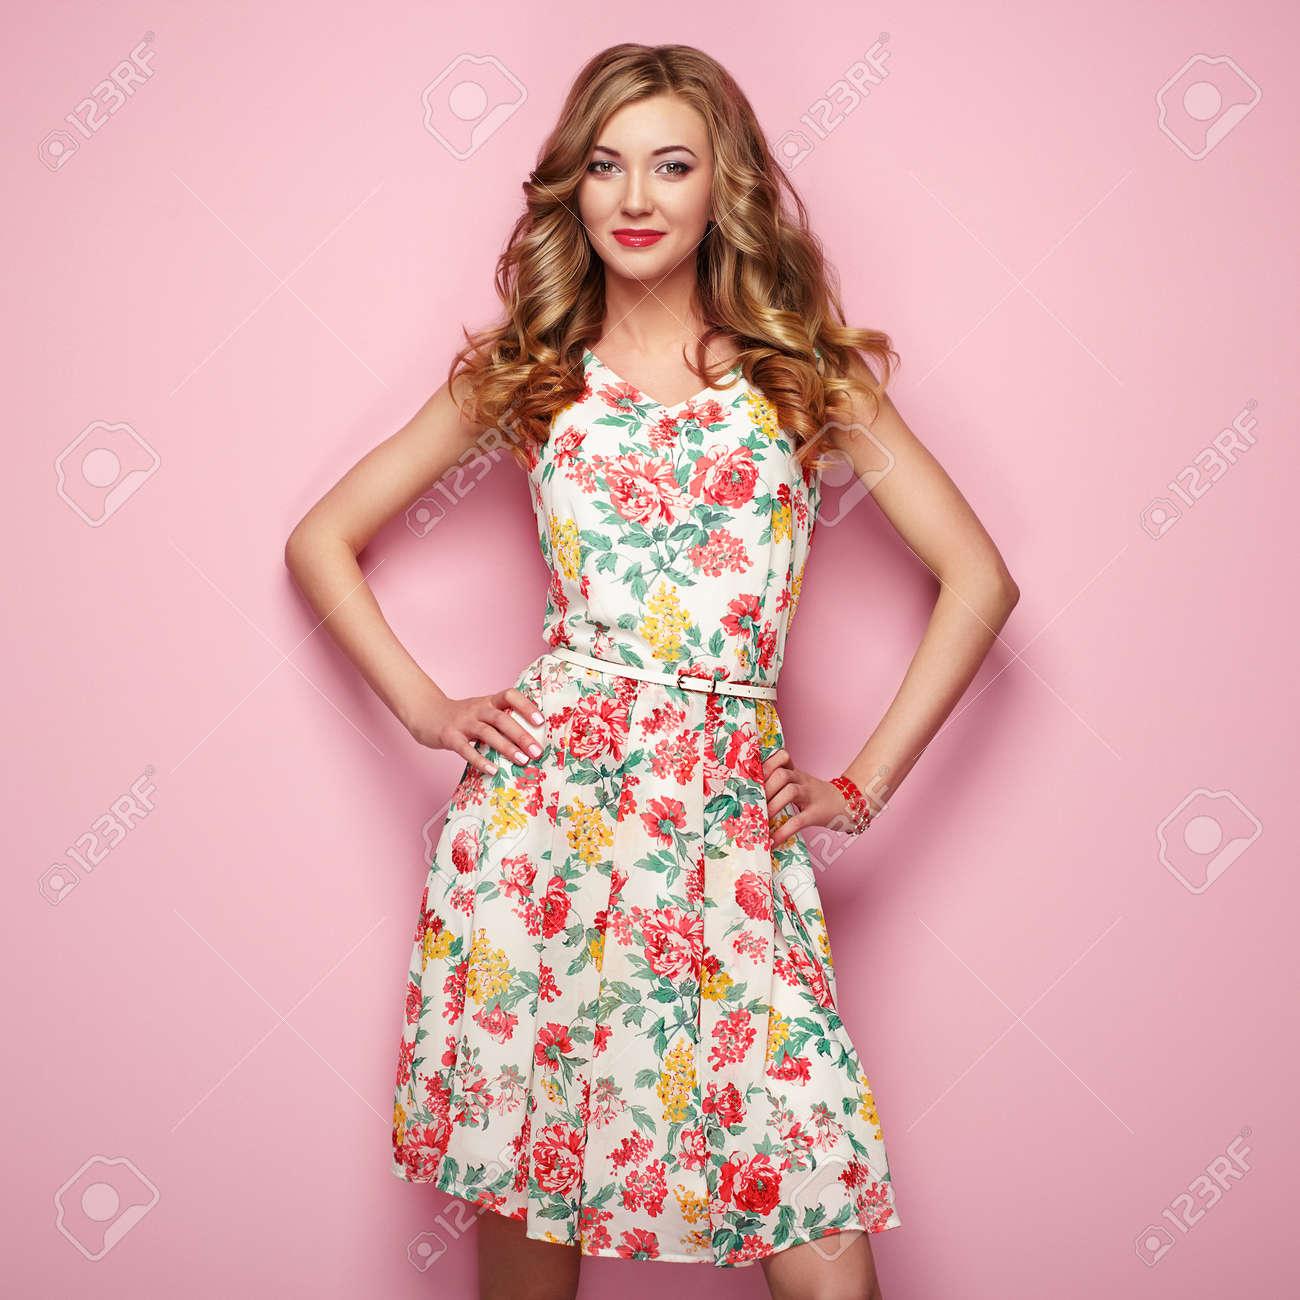 Blonde Jeune Femme En Robe Florale Printemps Ete Fille Posant Sur Un Fond Rose Vetement Floral D Ete Coiffure Ondulee Elegante Photo De Mode Blonde Banque D Images Et Photos Libres De Droits Image